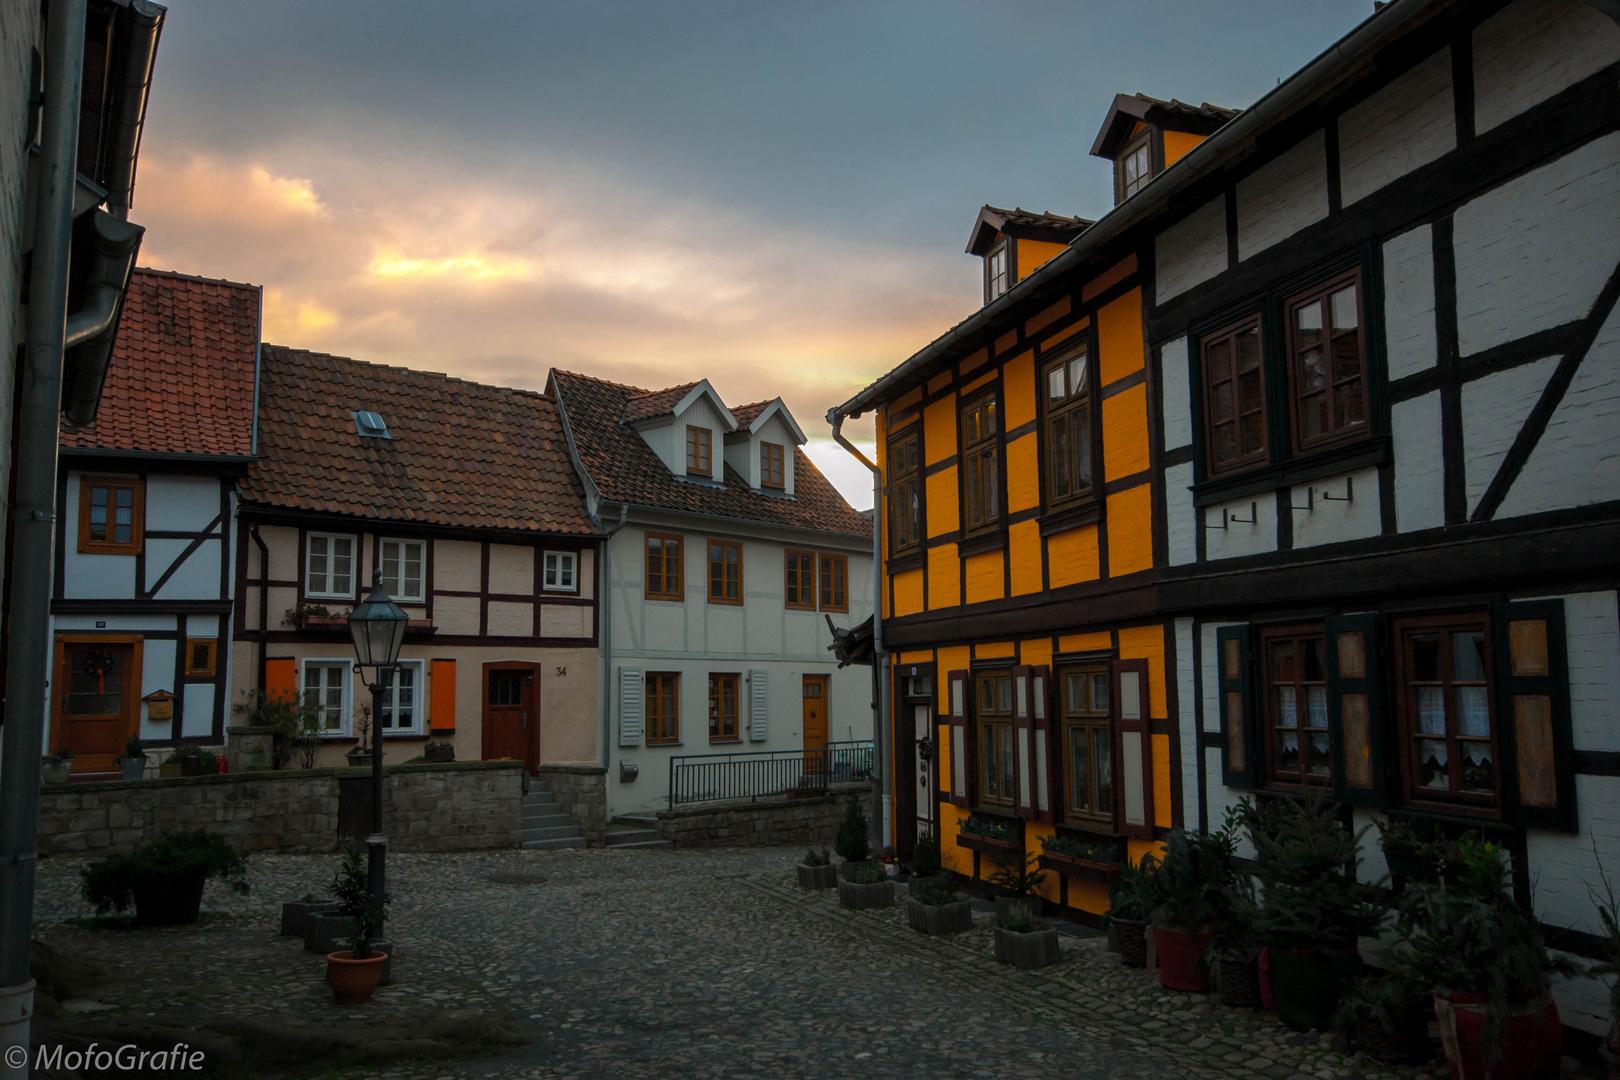 Armenviertel in Quedlinburg